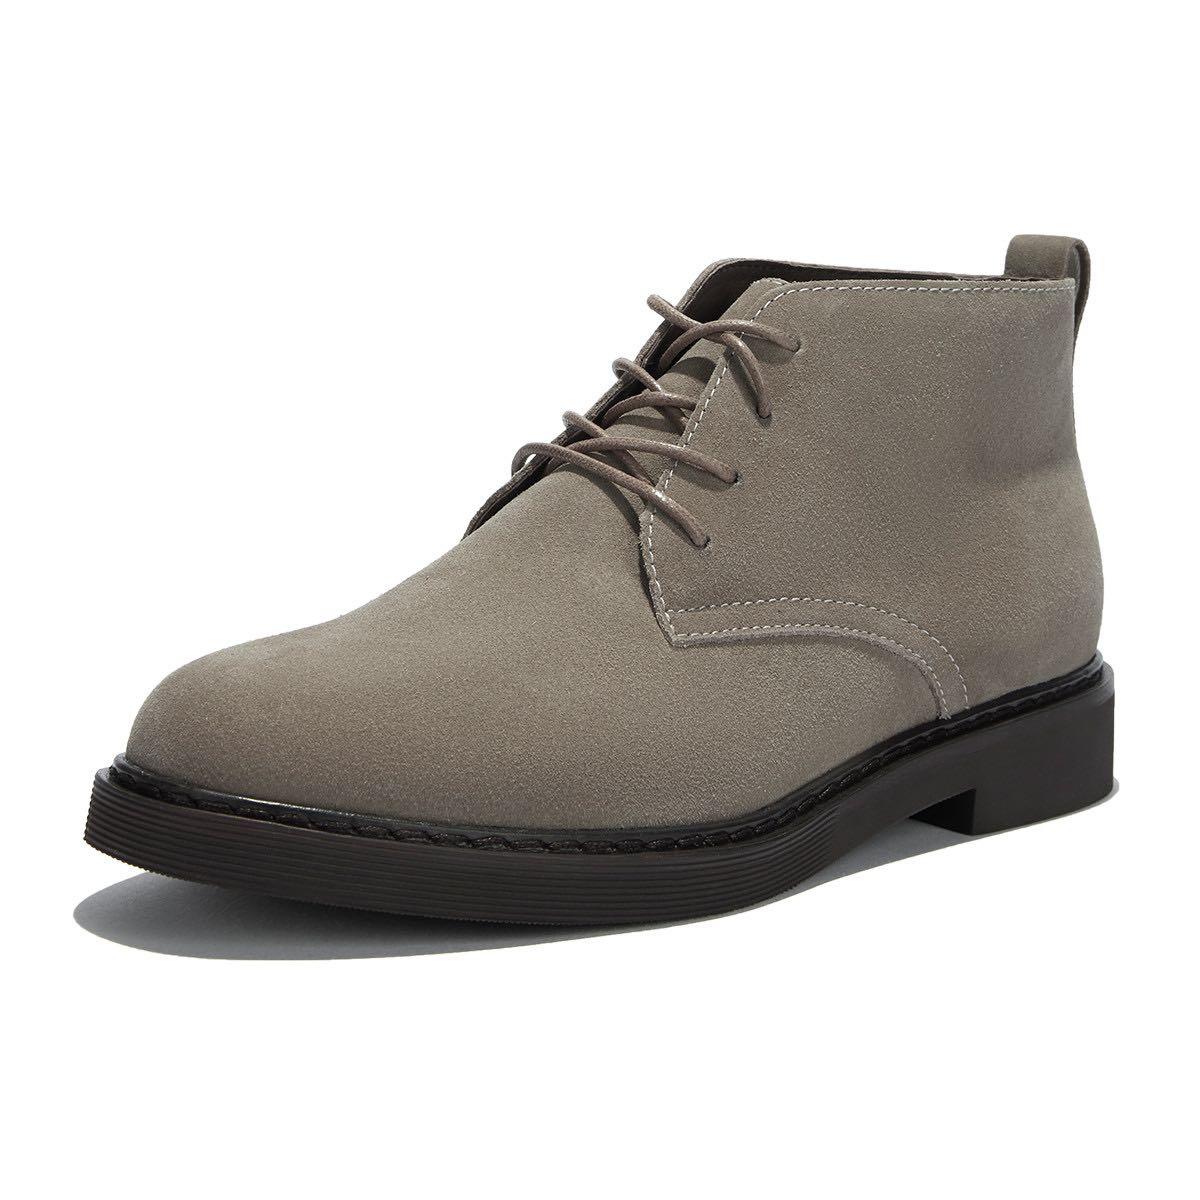 hotwind 热风 H078M0430303 男士马丁靴